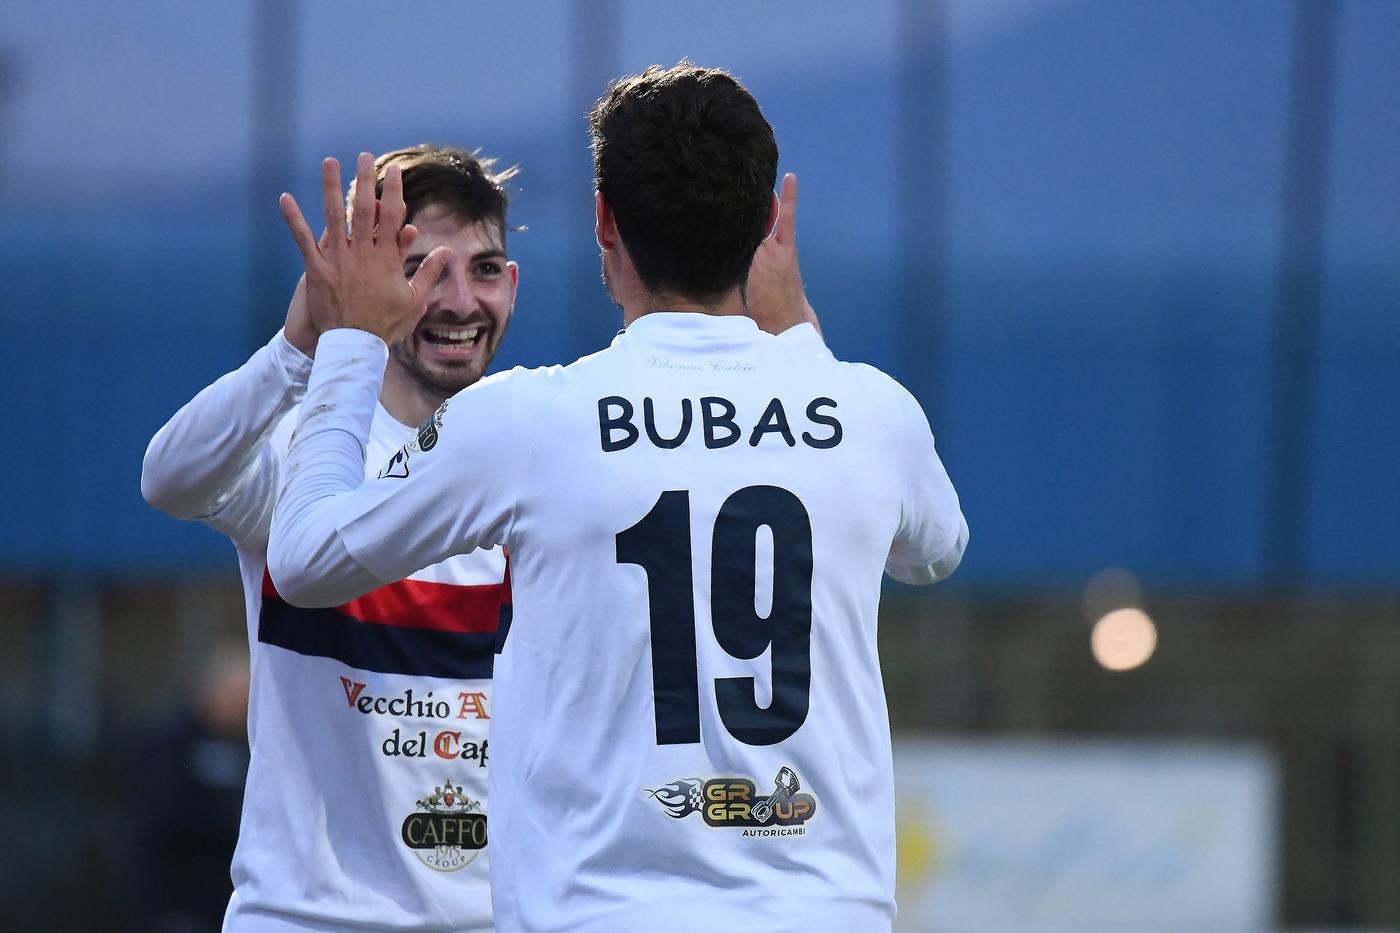 Vibonese-Rieti 13 febbraio: si gioca per il gruppo C della Serie C. I padroni di casa partono favoriti per la conquista dei 3 punti.